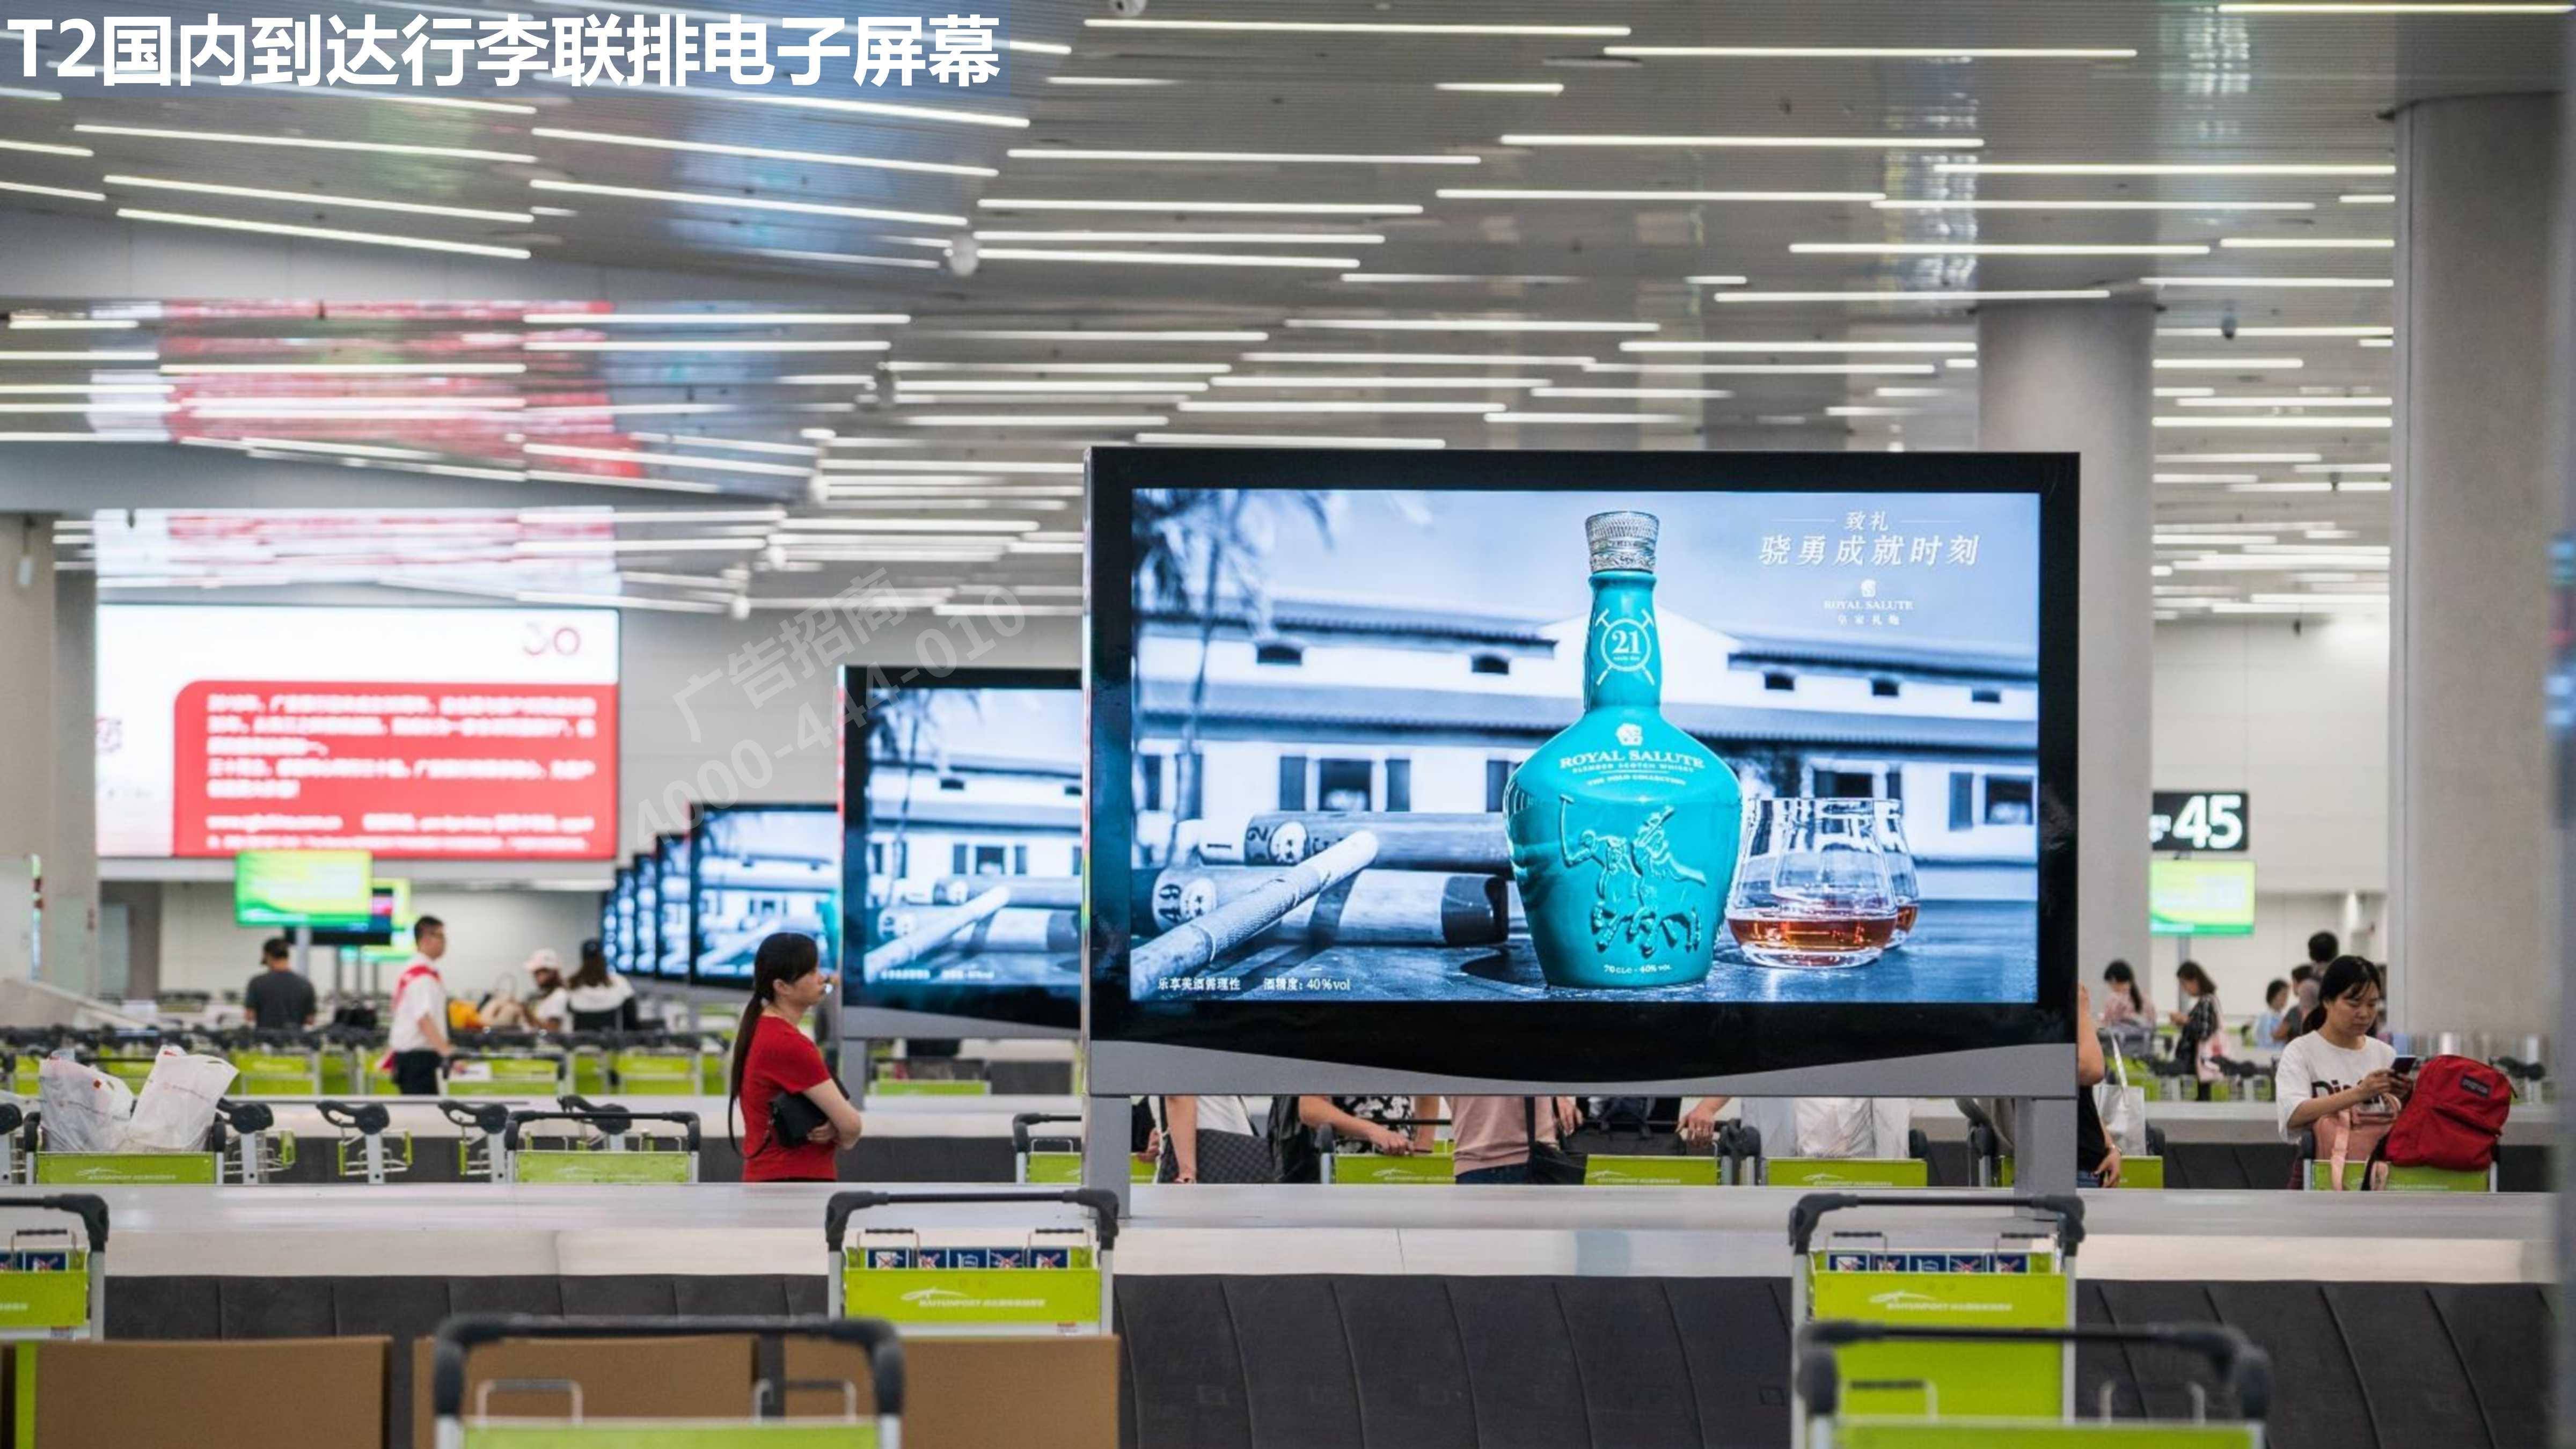 广州机场广告行李联排电子屏幕